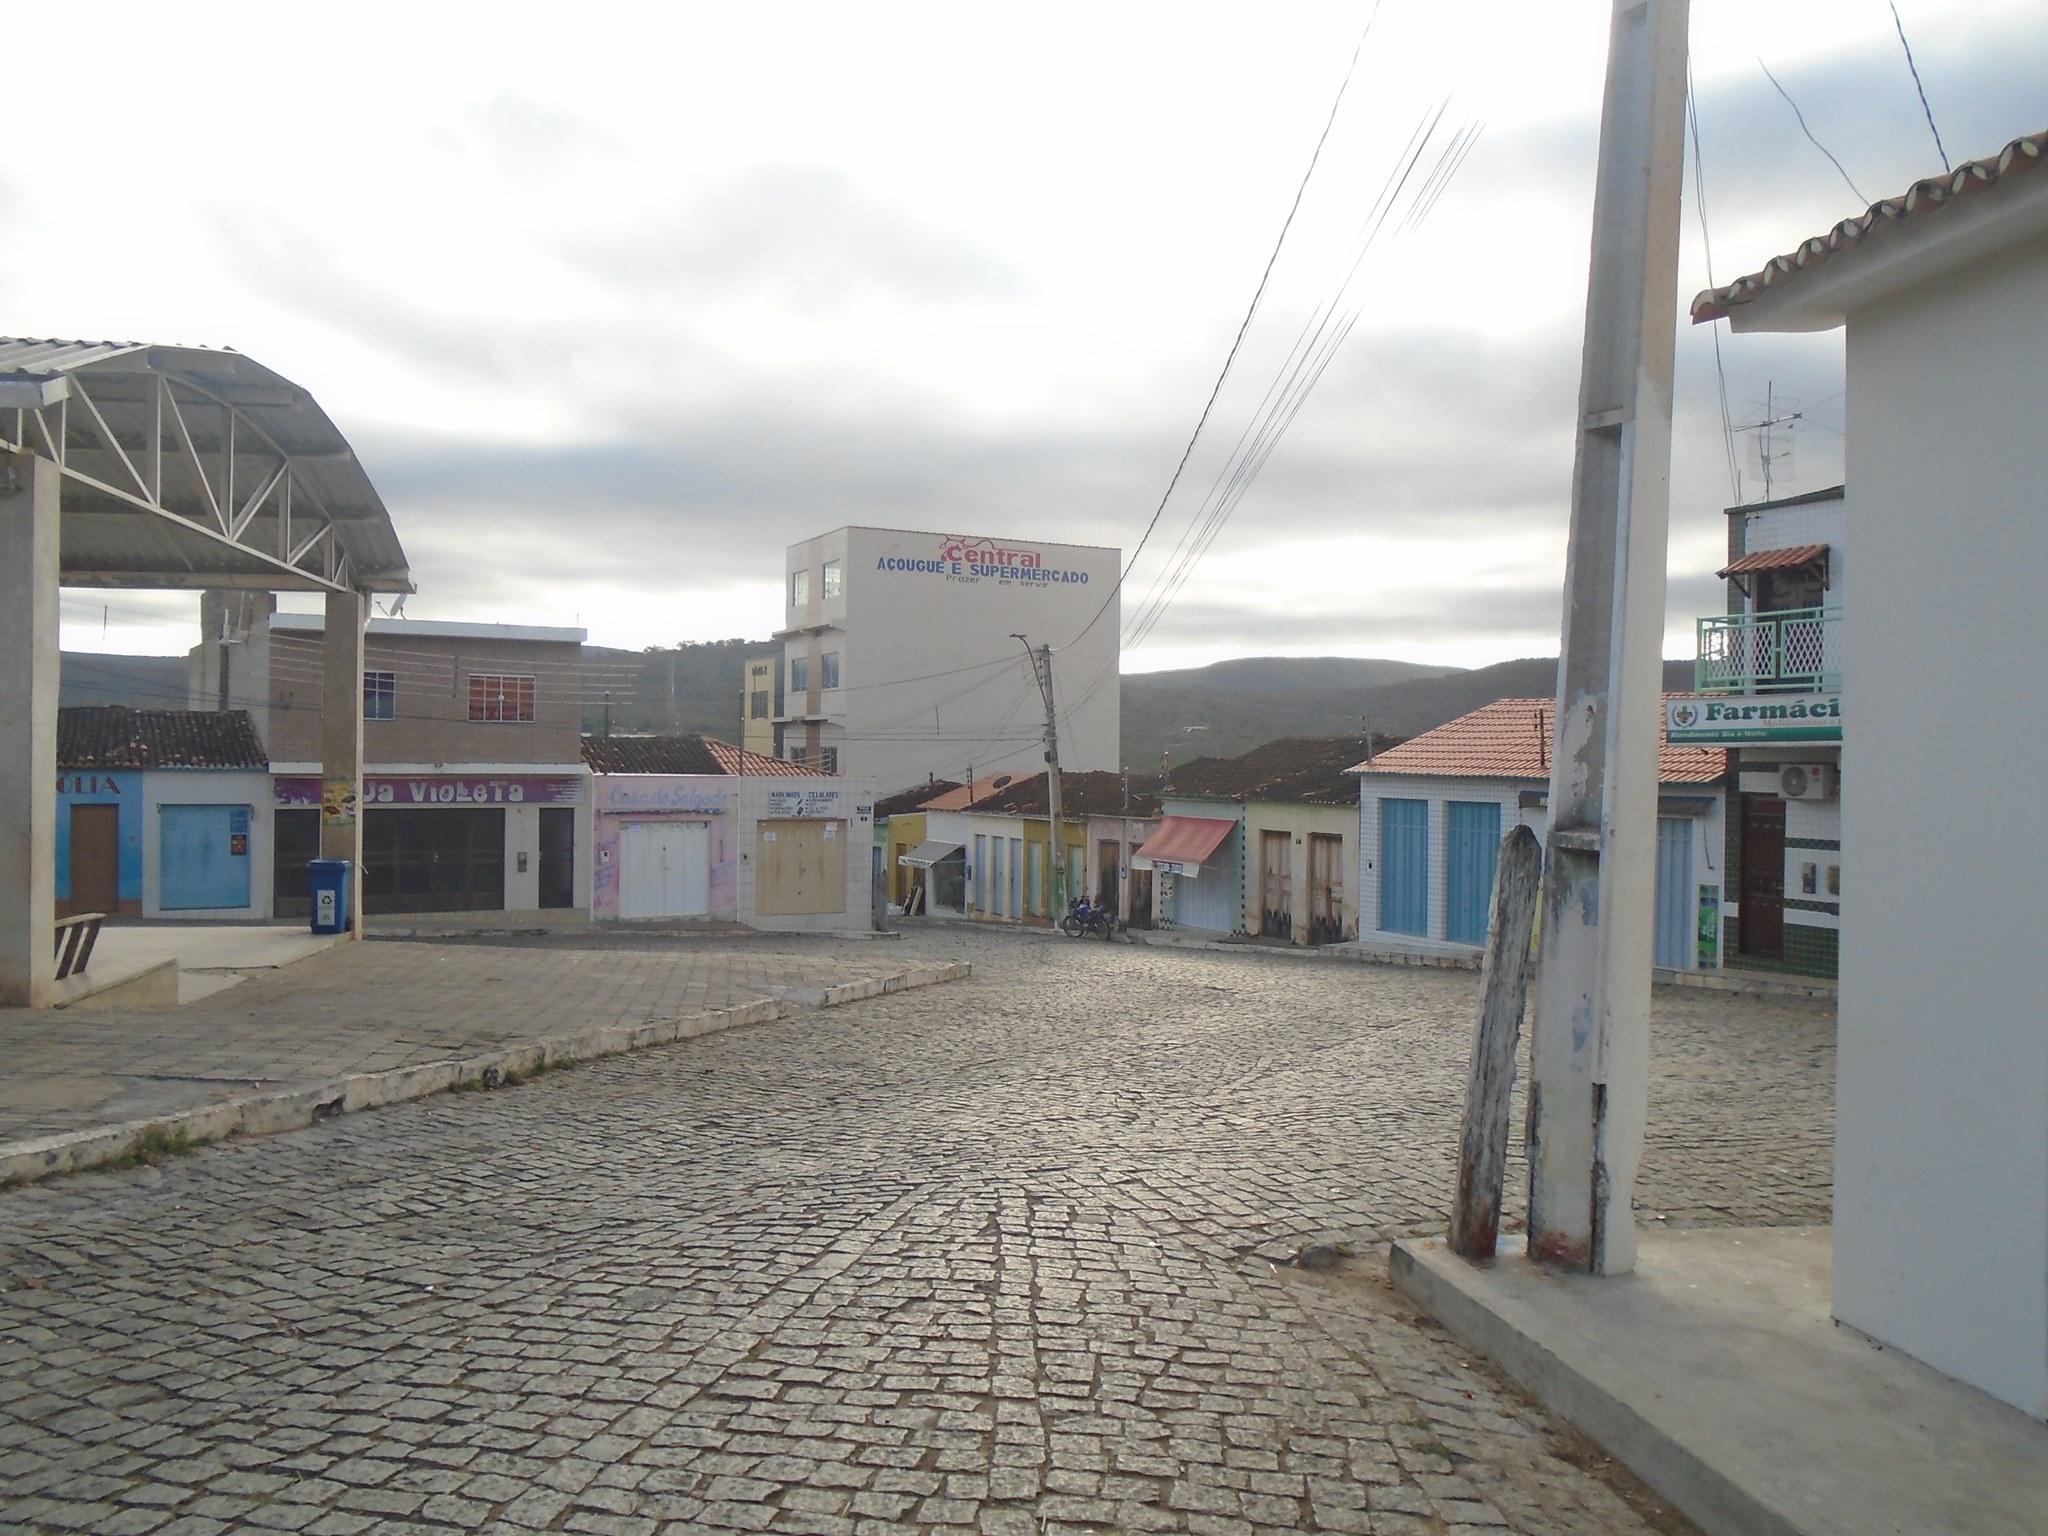 Fotos-uit-de-regio-van-Ibitiara-en-Seabra-aan-de-grote-BR-242-94